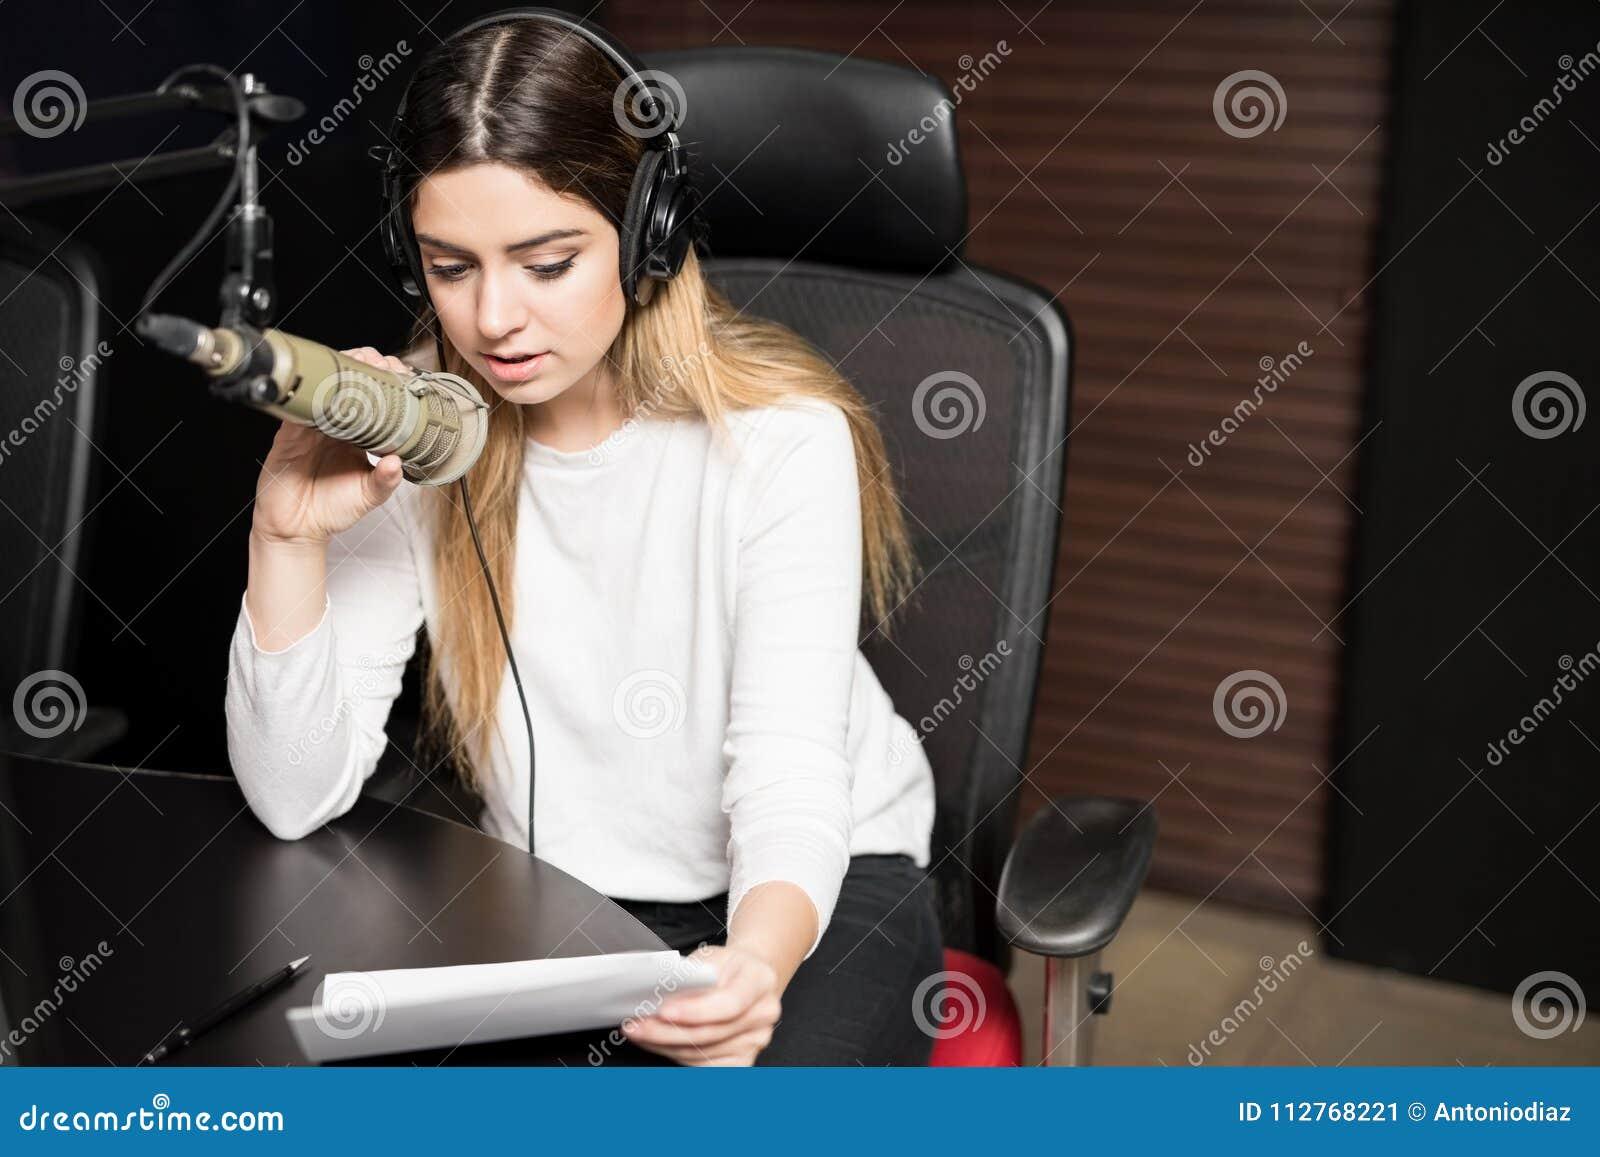 播放展示的女性播音员